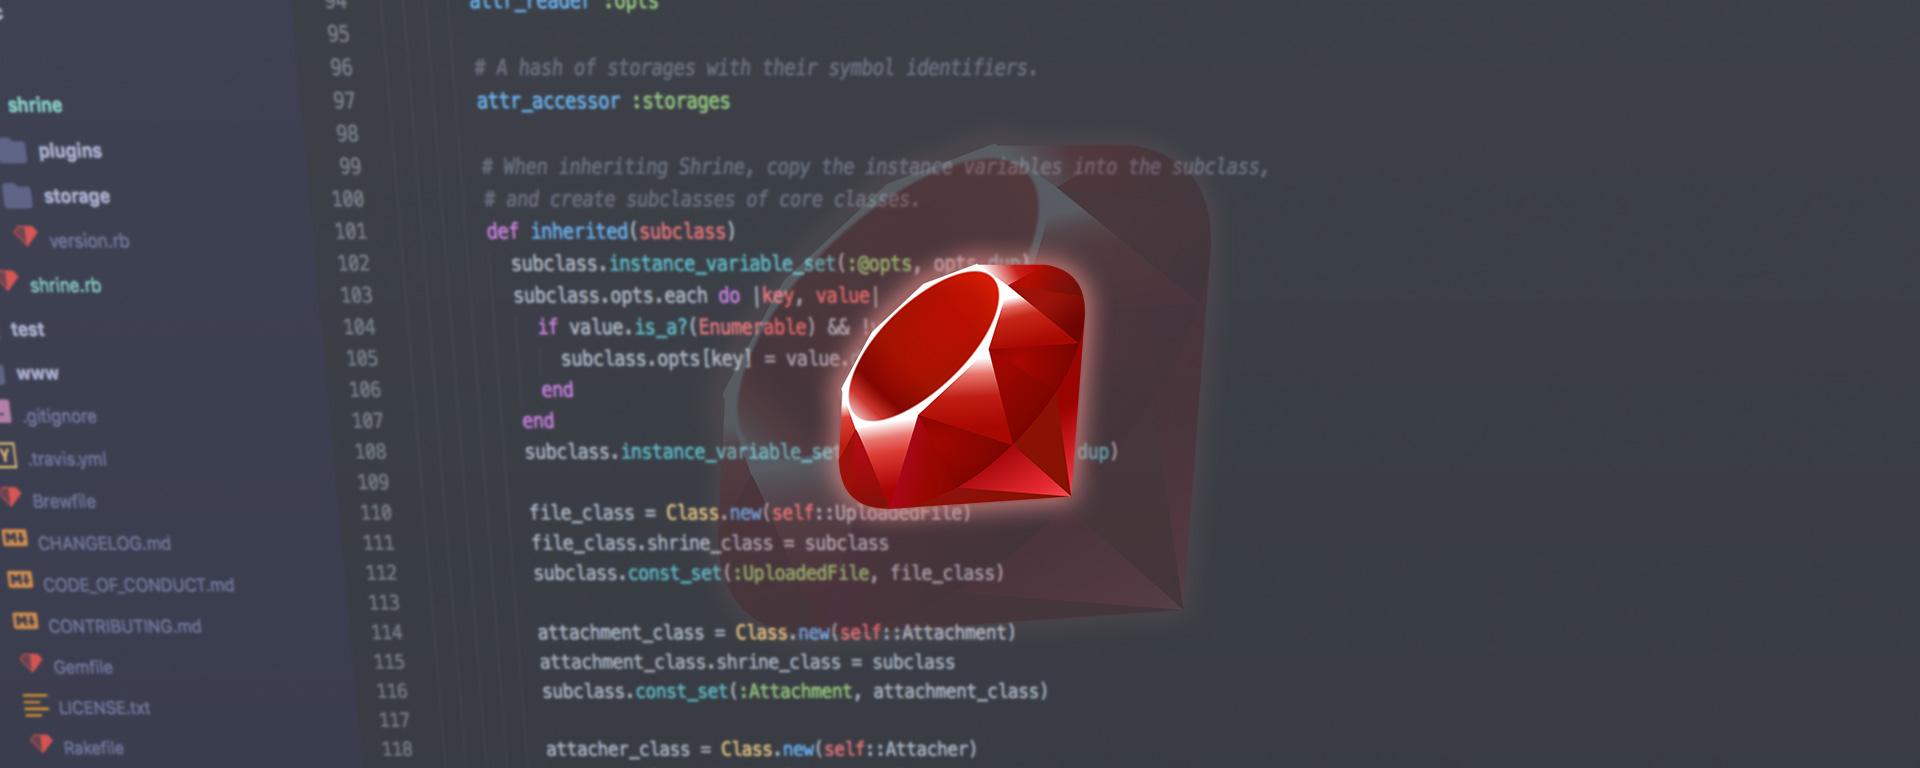 RubyKaigi参加レポート 〜RubyData Workshop 2017に参加した〜